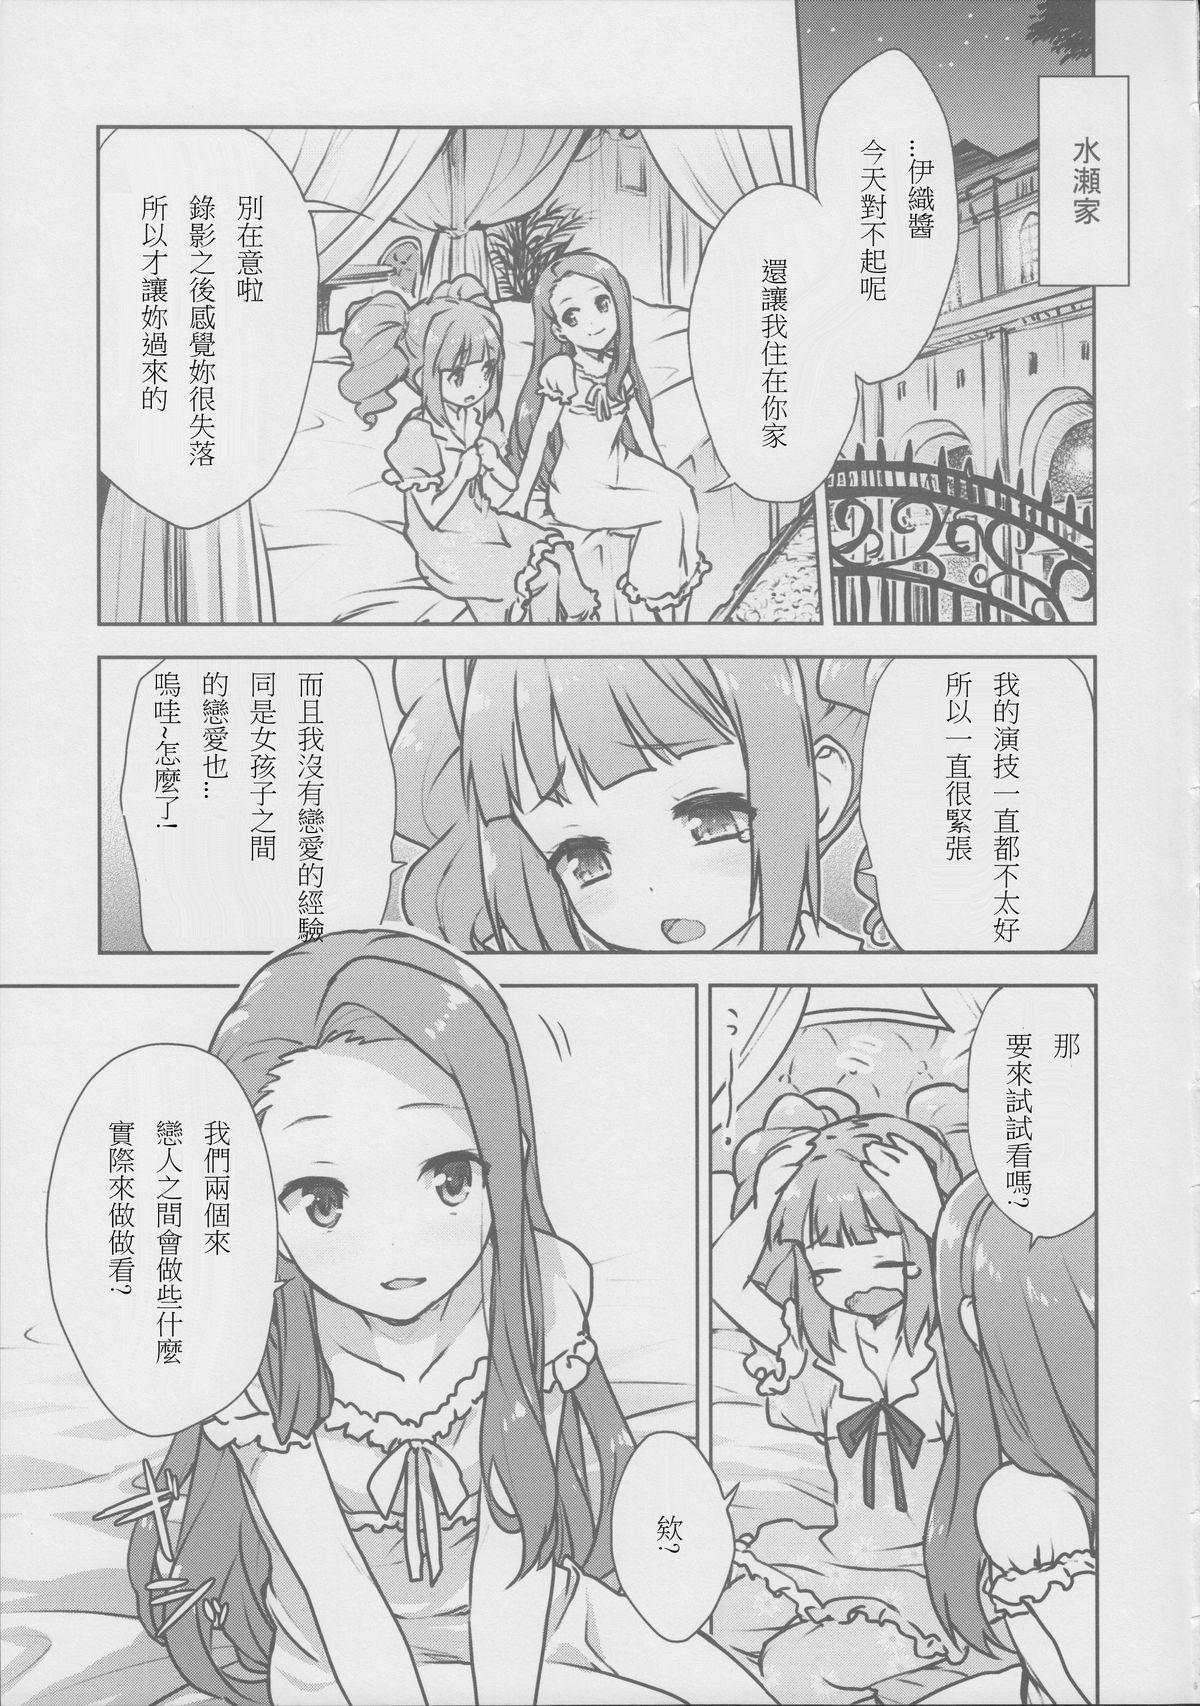 Yayoiori no Hon 6